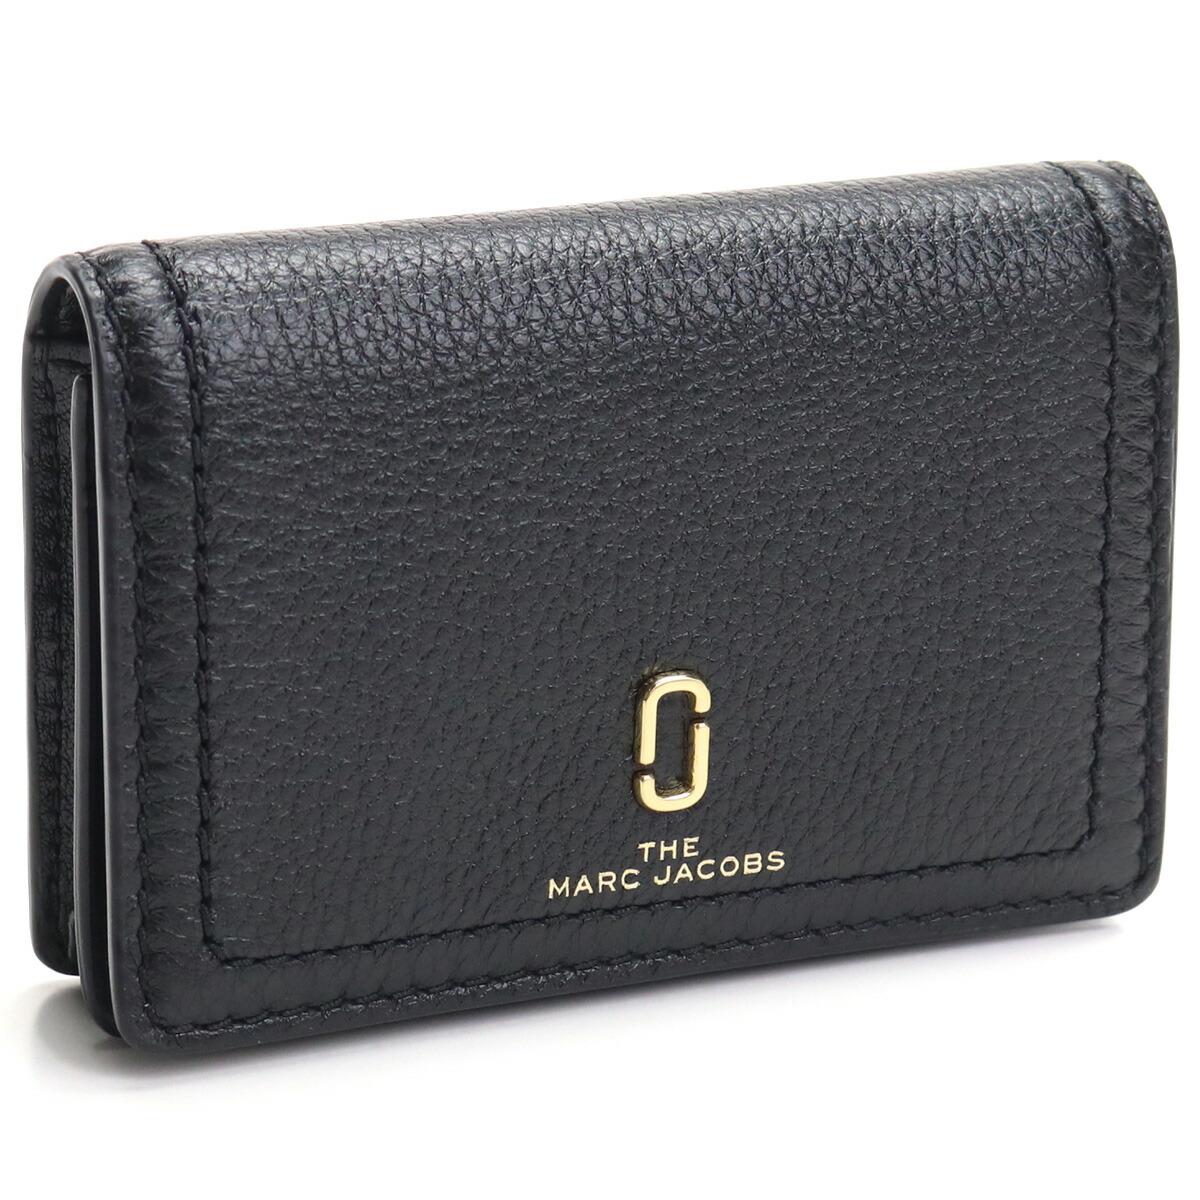 マーク・ジェイコブス MARC JACOBS BUSINESS CARD CASE 名刺入れ ブランド名刺入れ M0016256 001 BLACK ブラック gsw-3